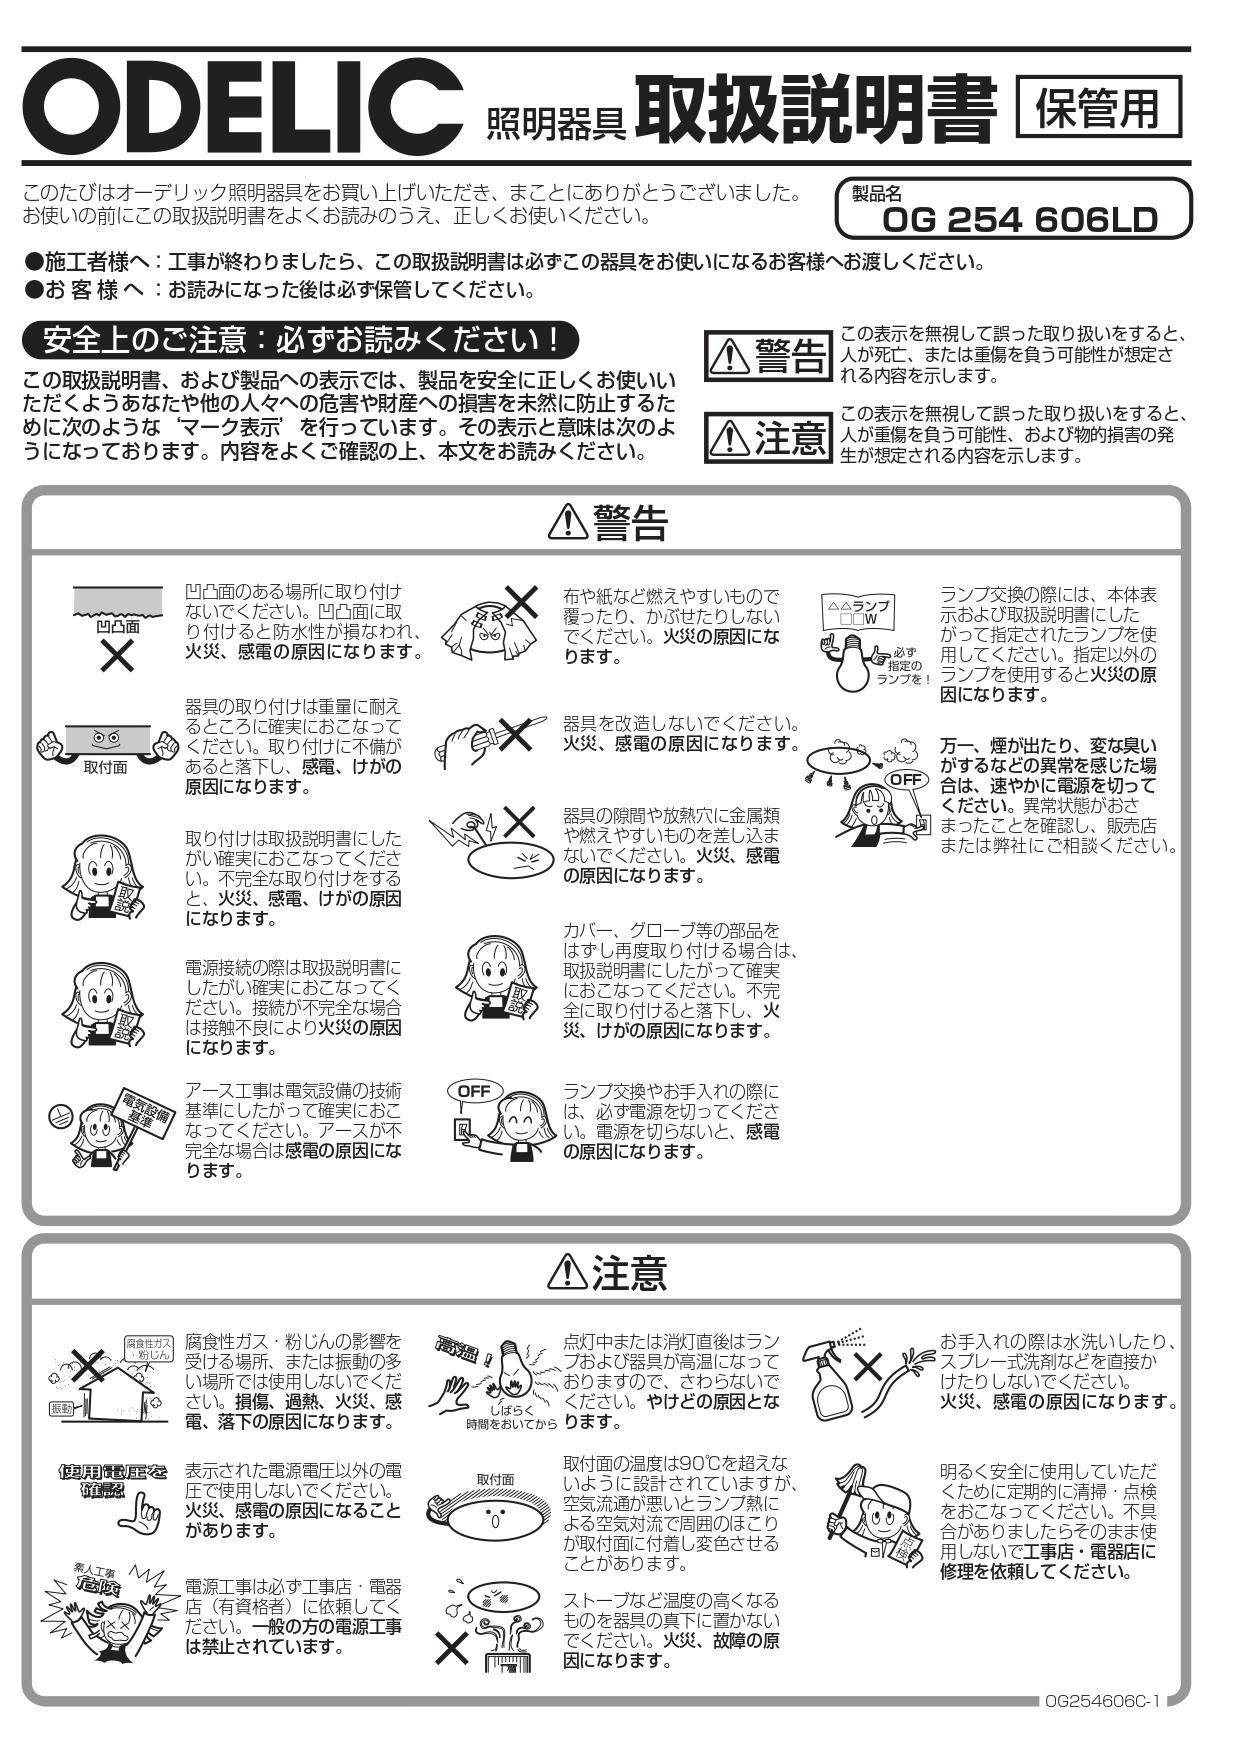 ポージィウォールライトUNOG254606LD_取扱説明書_page-0001